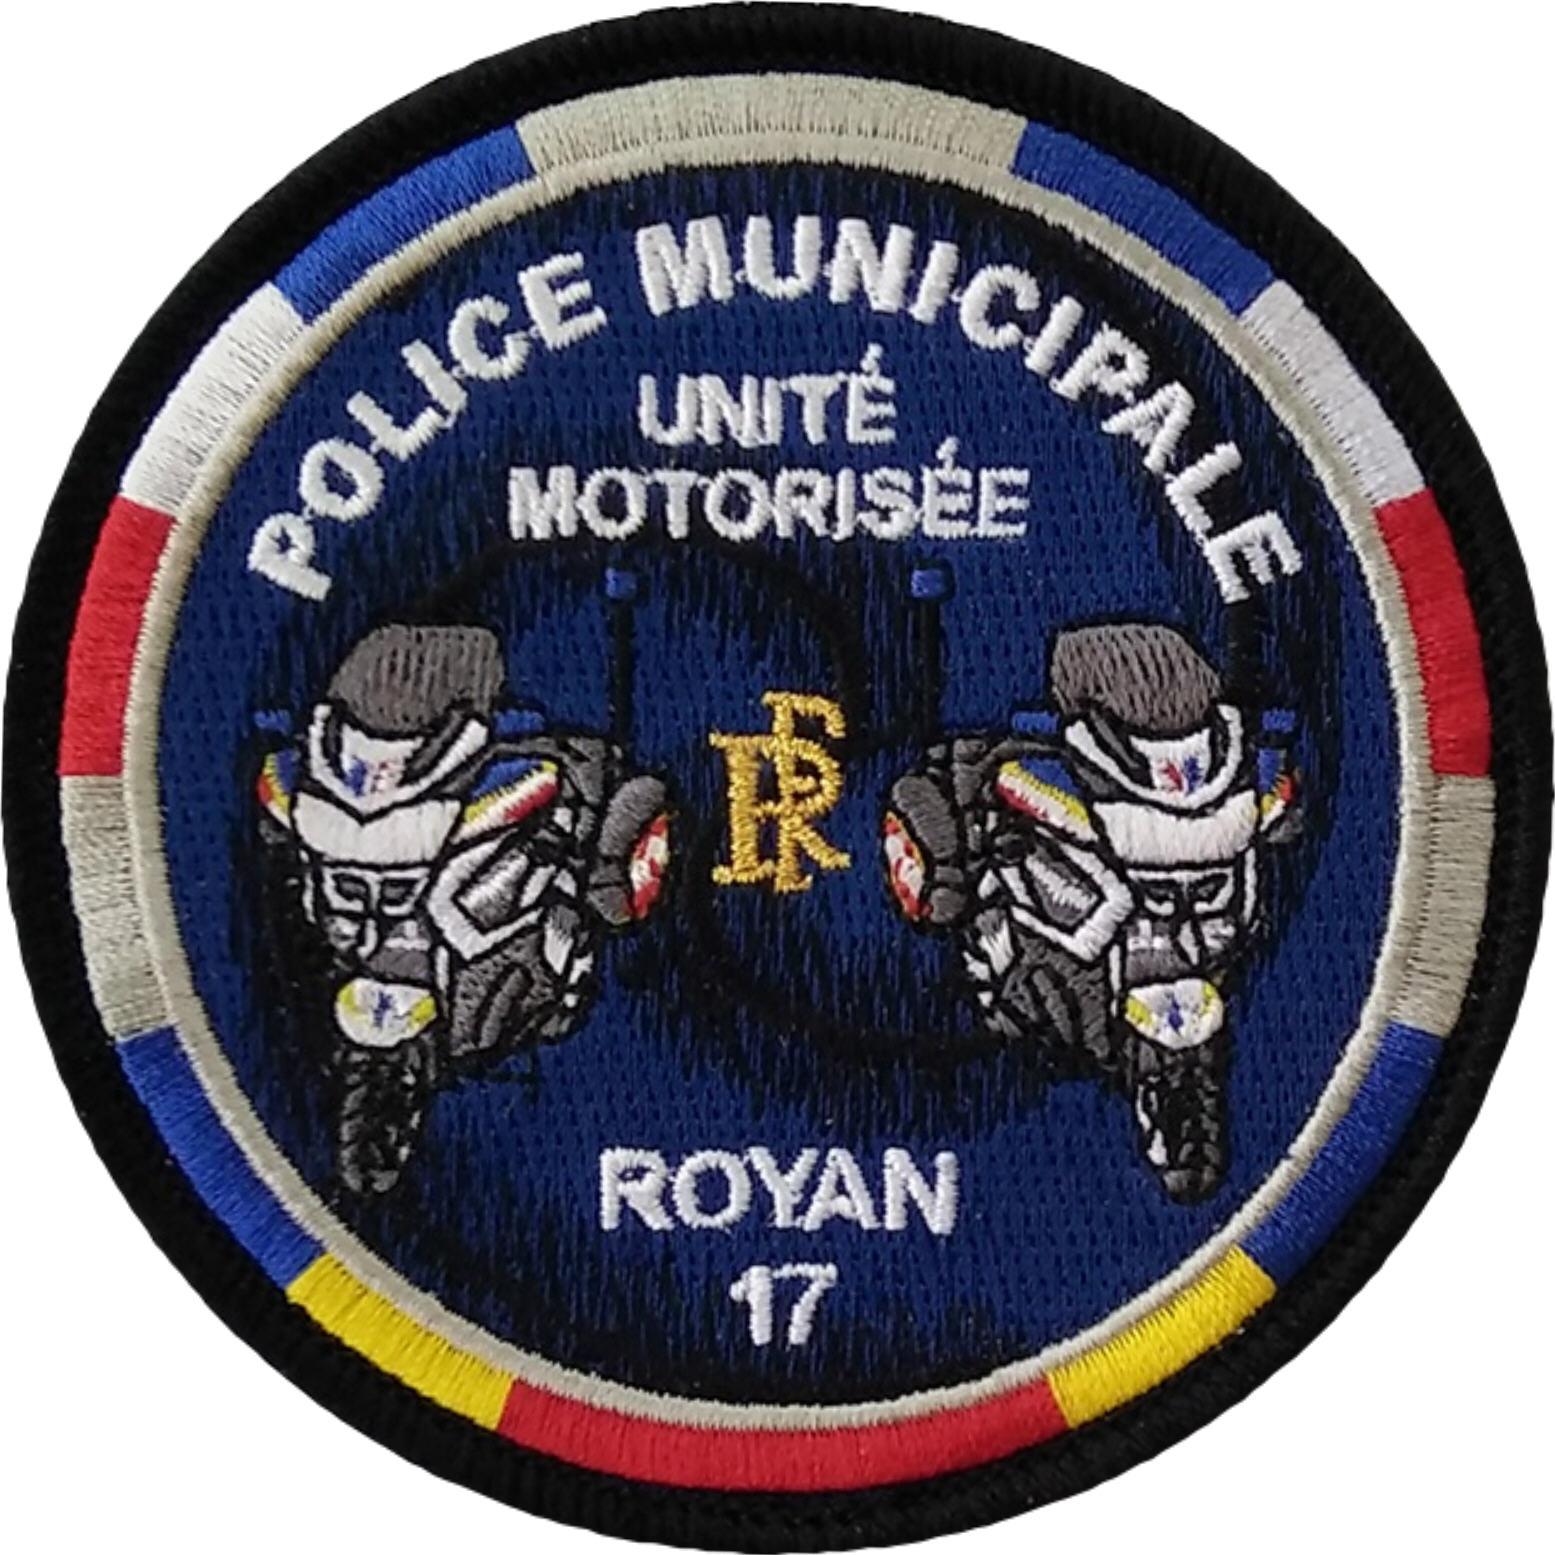 ÉCUSSON POLICE MUNICIPALE ROYAN UNITÉ MOTORISÉE